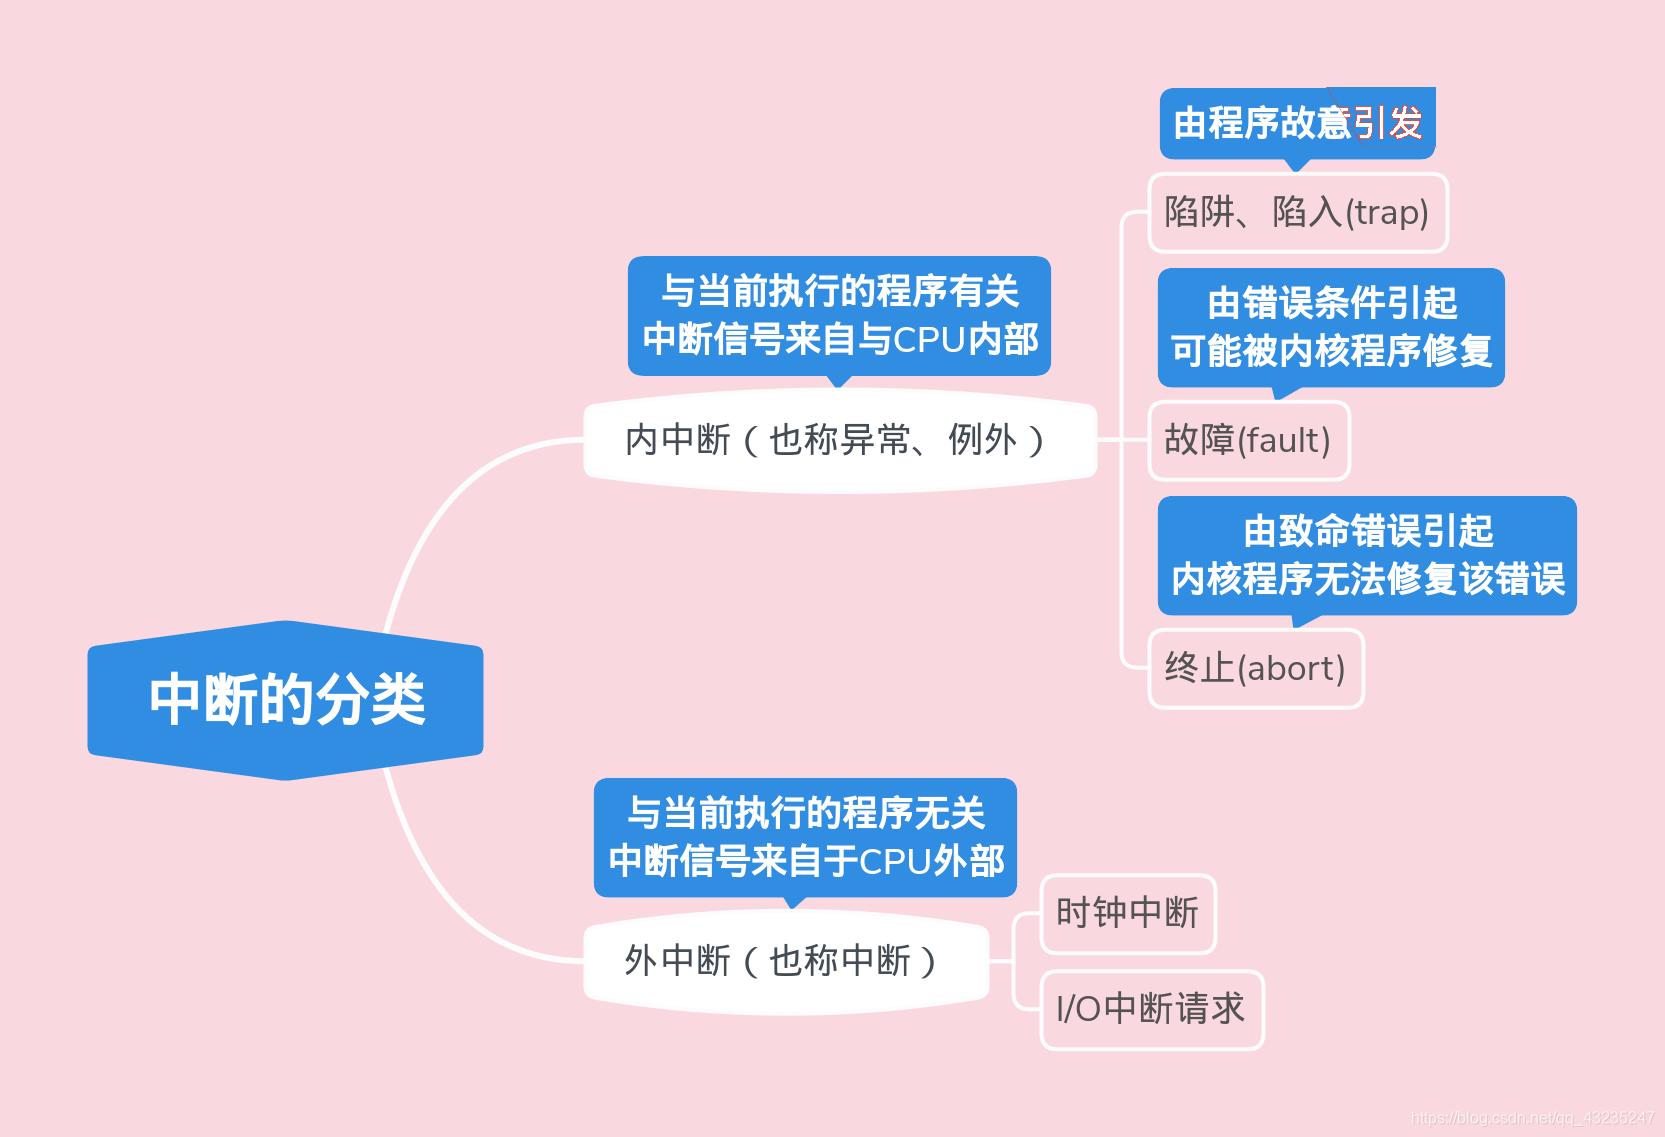 干货:计算机操作系统的分类方法_东方头条